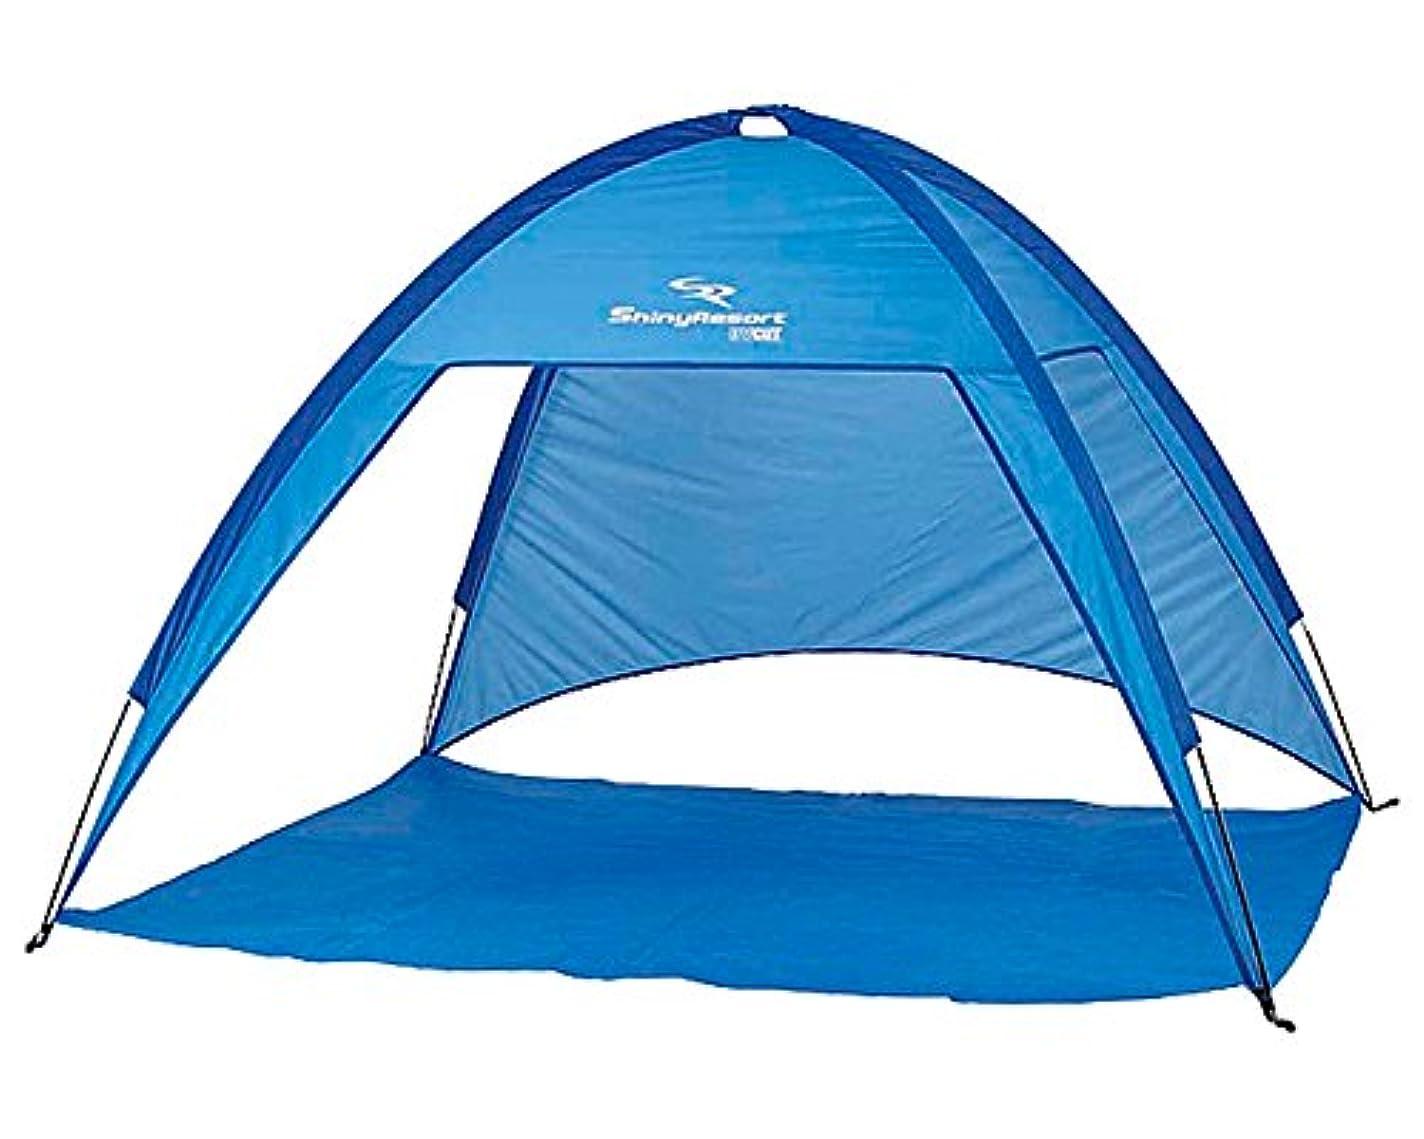 ネックレス病祈るキャプテンスタッグ(CAPTAIN STAG) テント シャイニーリゾートビーチ テント UV ブルー[1-2人用] M-5782